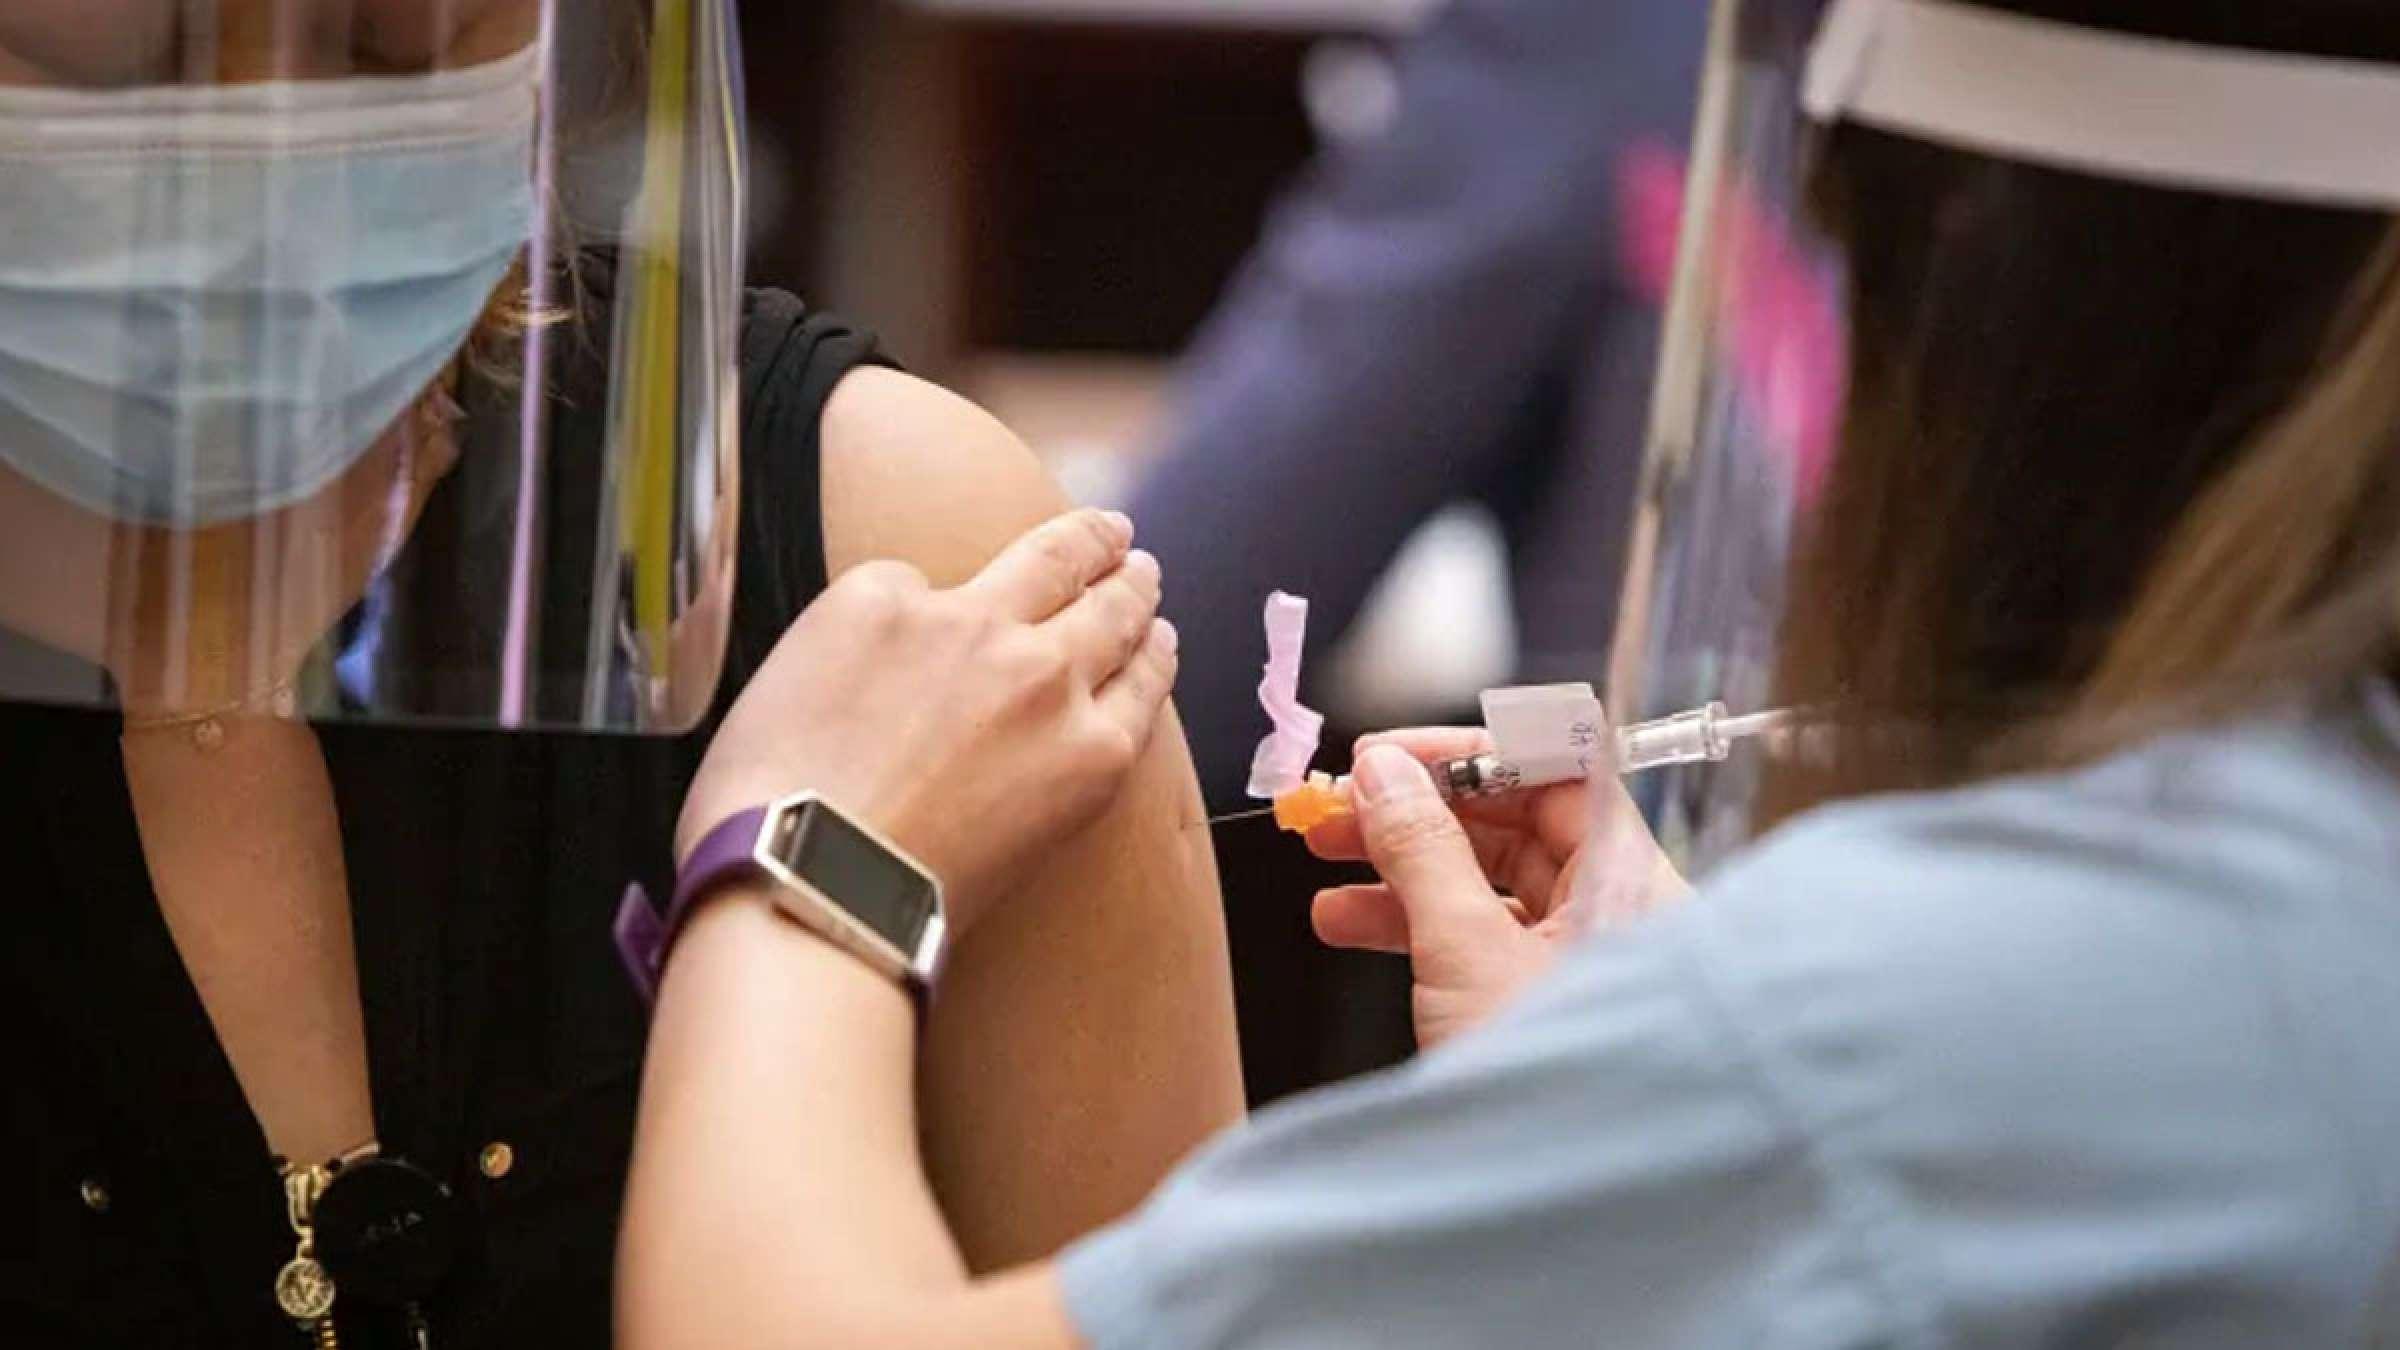 مطلب-پزشکی-برای-مصونیت-واکسن-زدن-بهتر-است-یا-گرفتن-کرونا